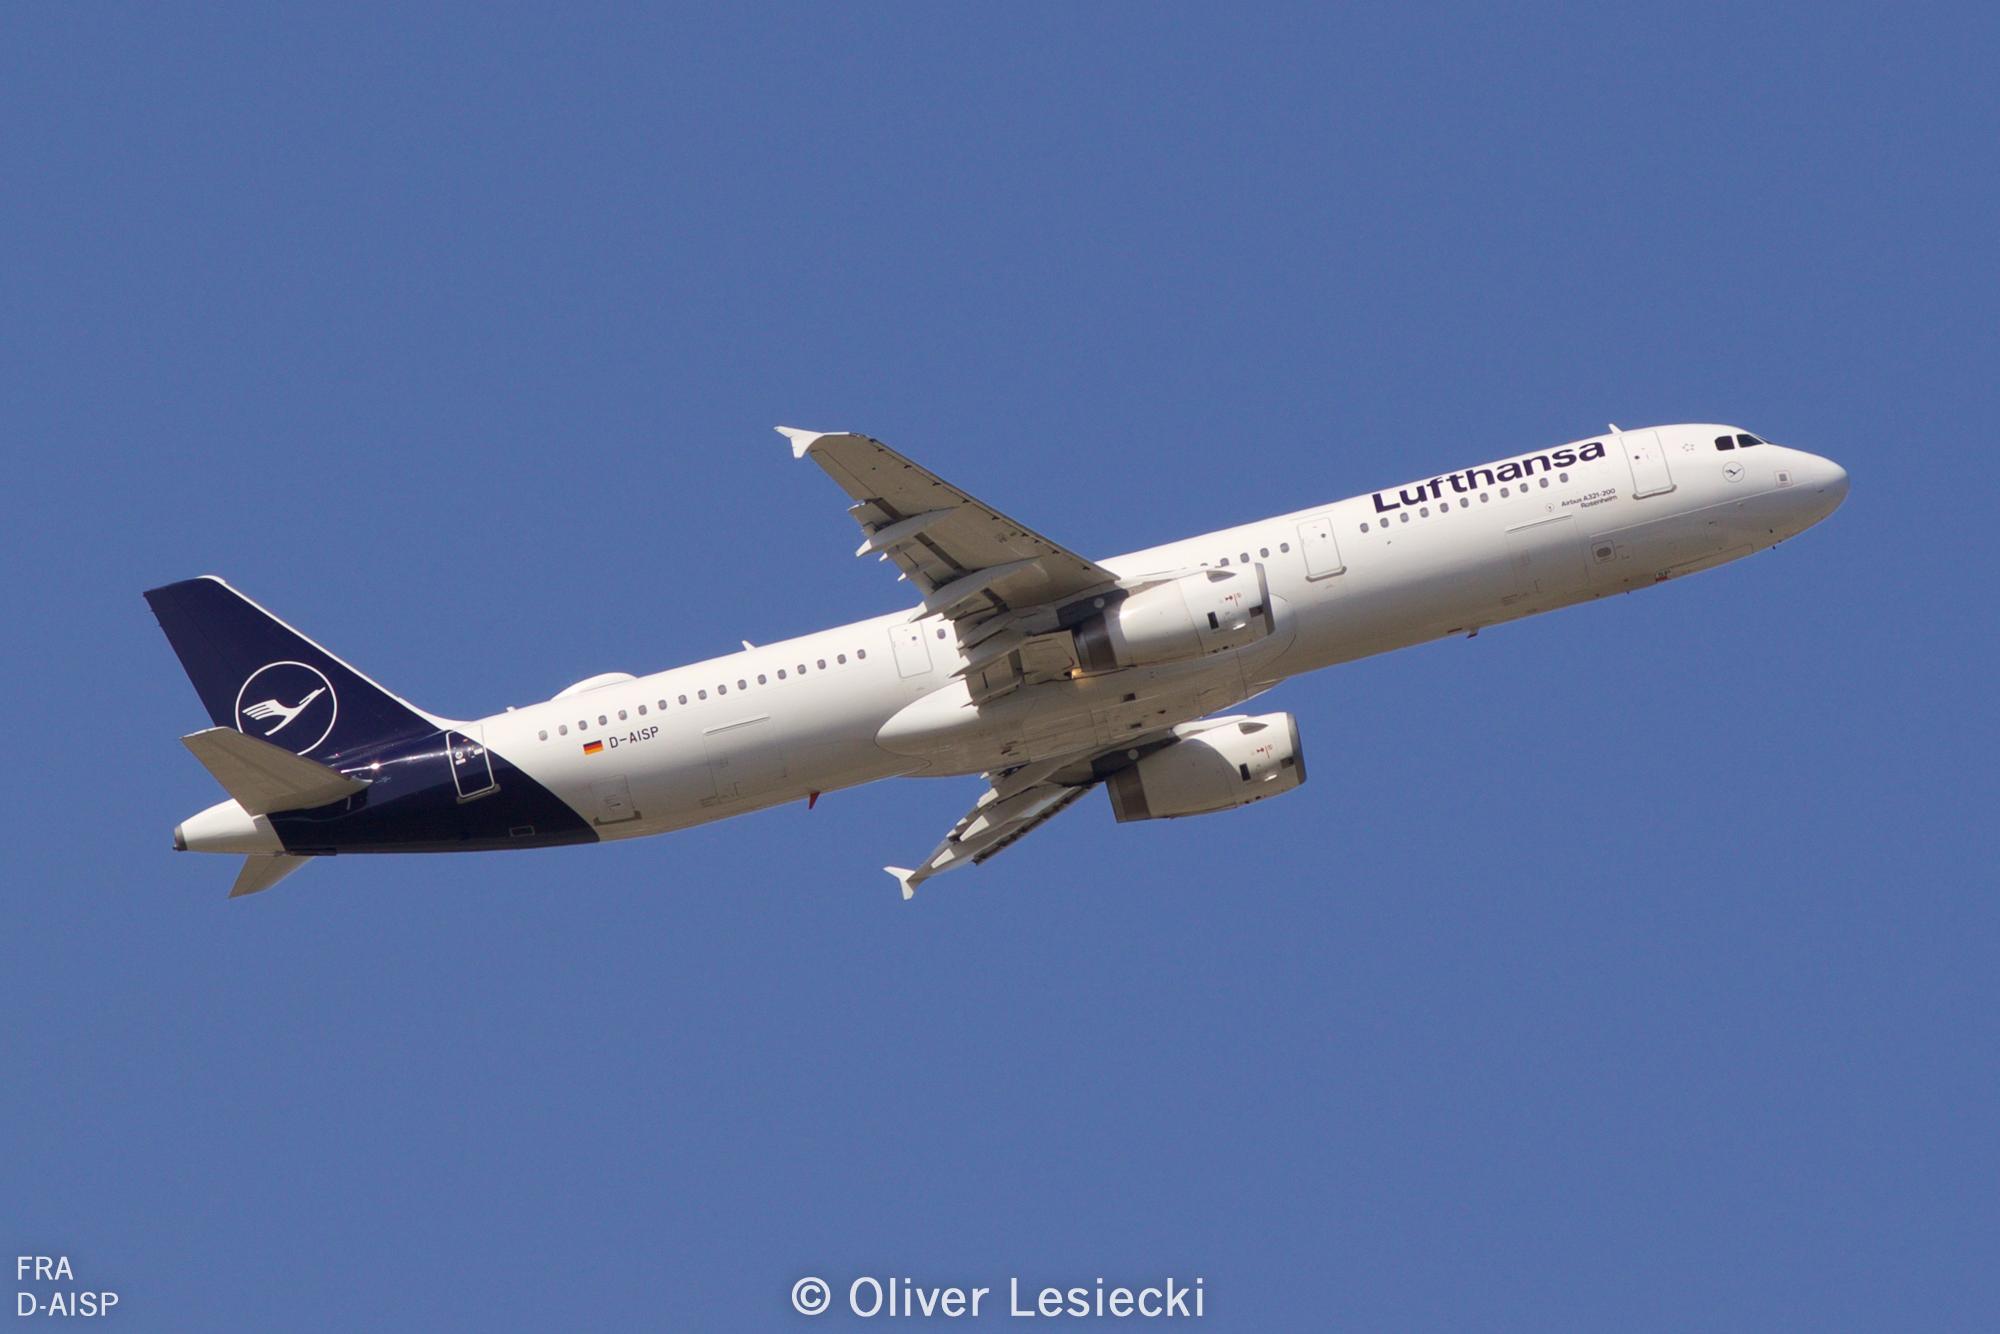 X_Lufthansa_A321_DAISP_01_FRA_080418